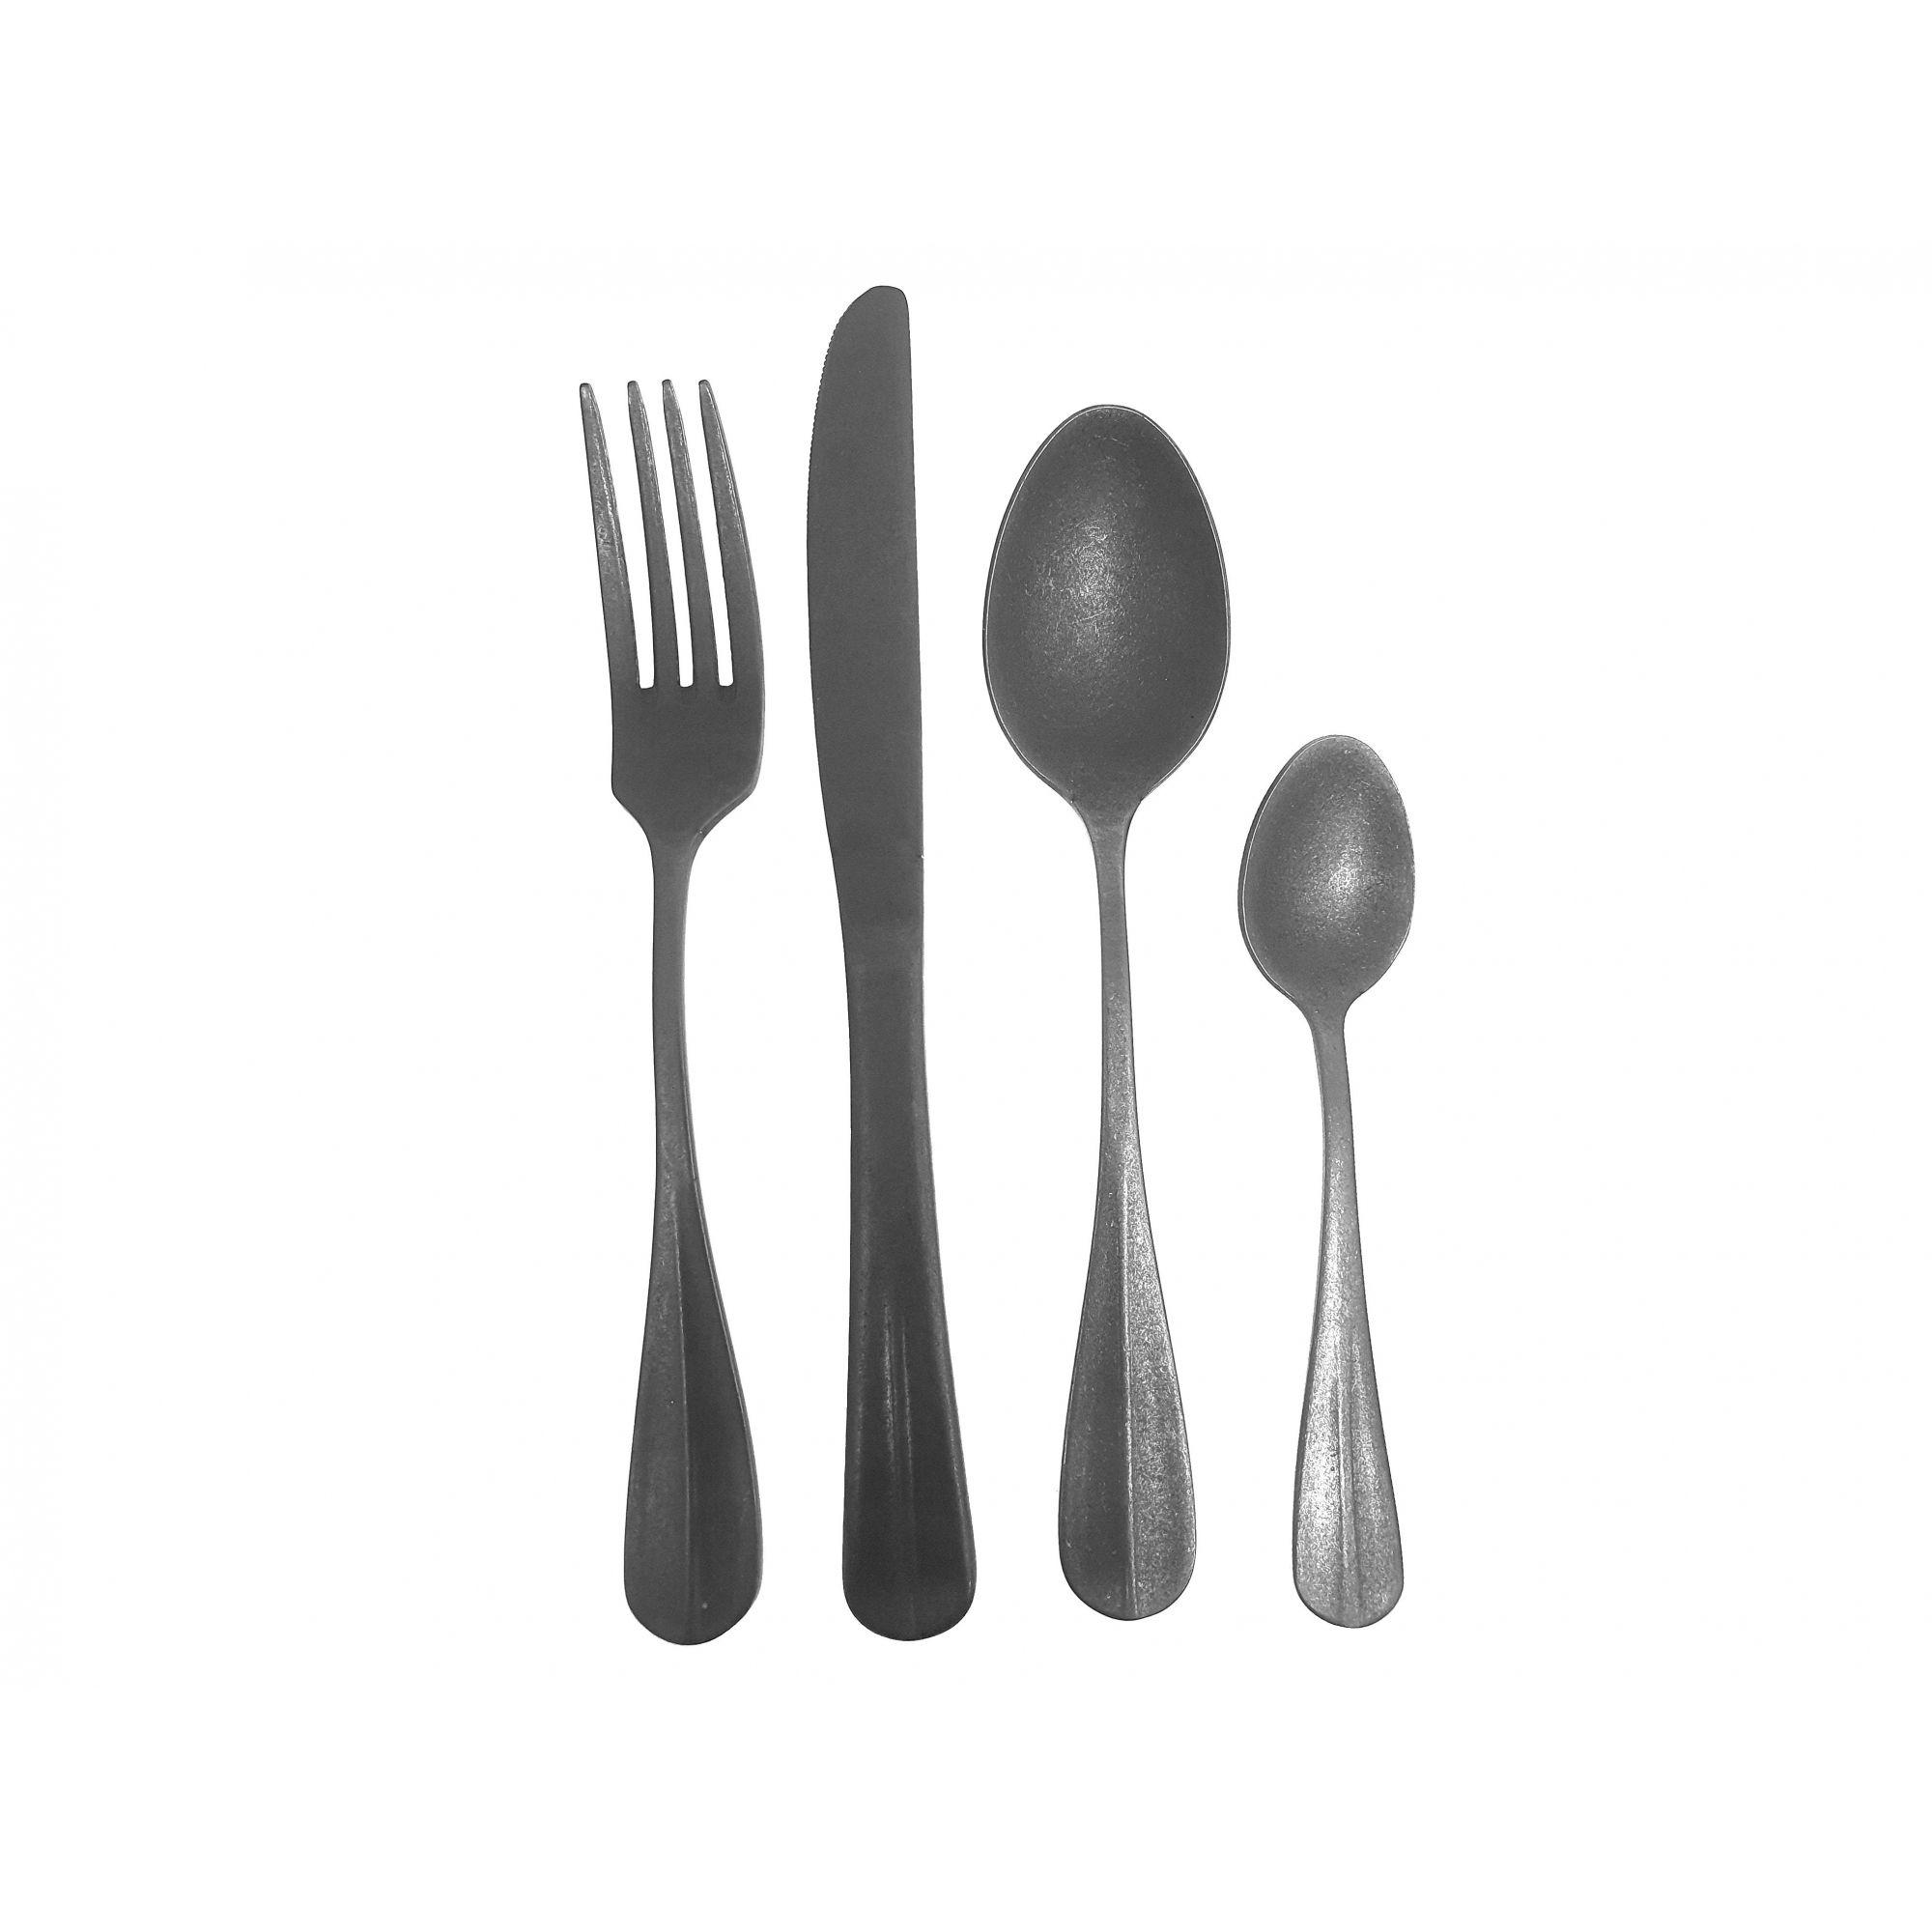 Faqueiro de Aço Inox Envelhecido - 24 peças Prata